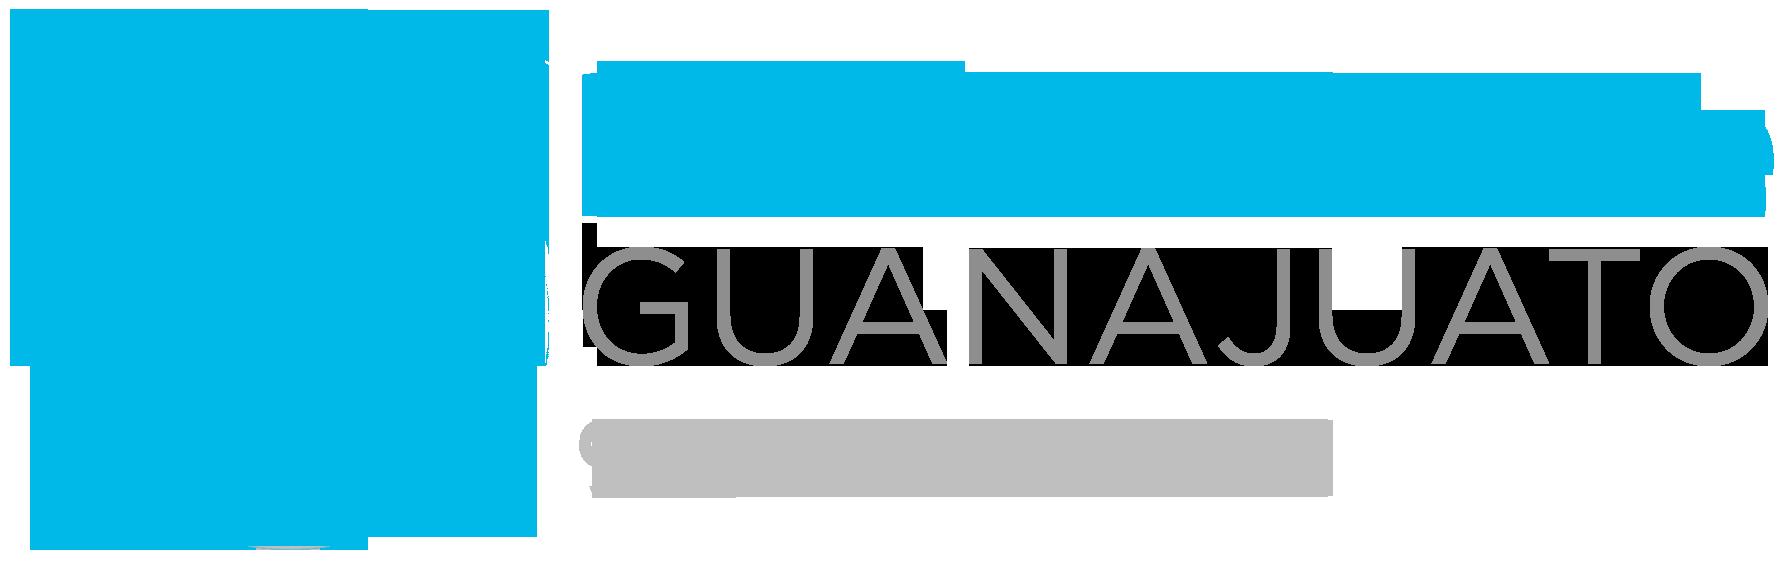 Radio Santa Fe Guanajuato